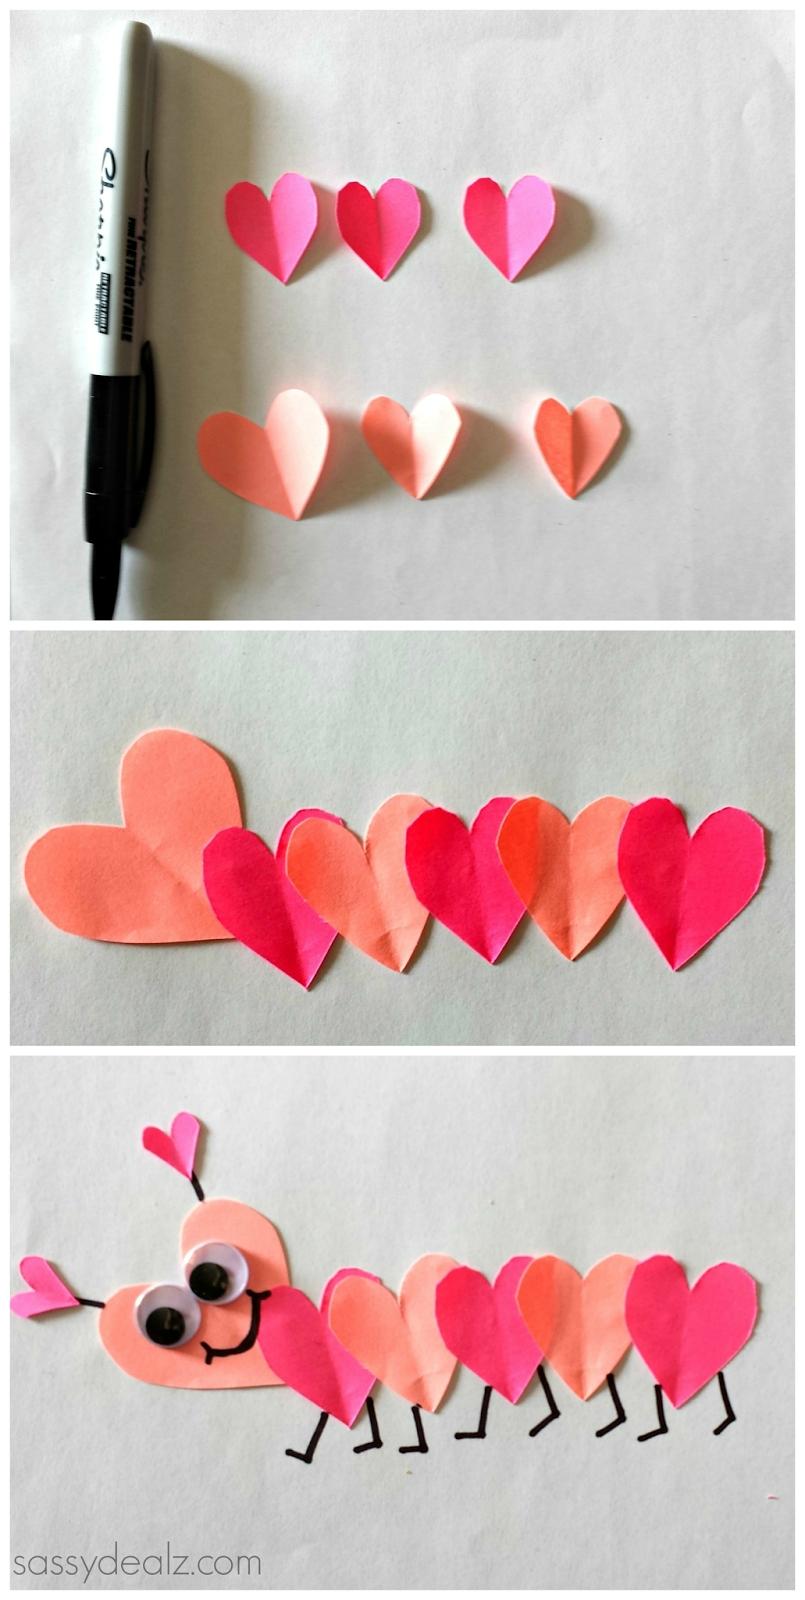 10 Best Valentine Craft Ideas For Kids list of easy valentines day crafts for kids crafty morning 2021